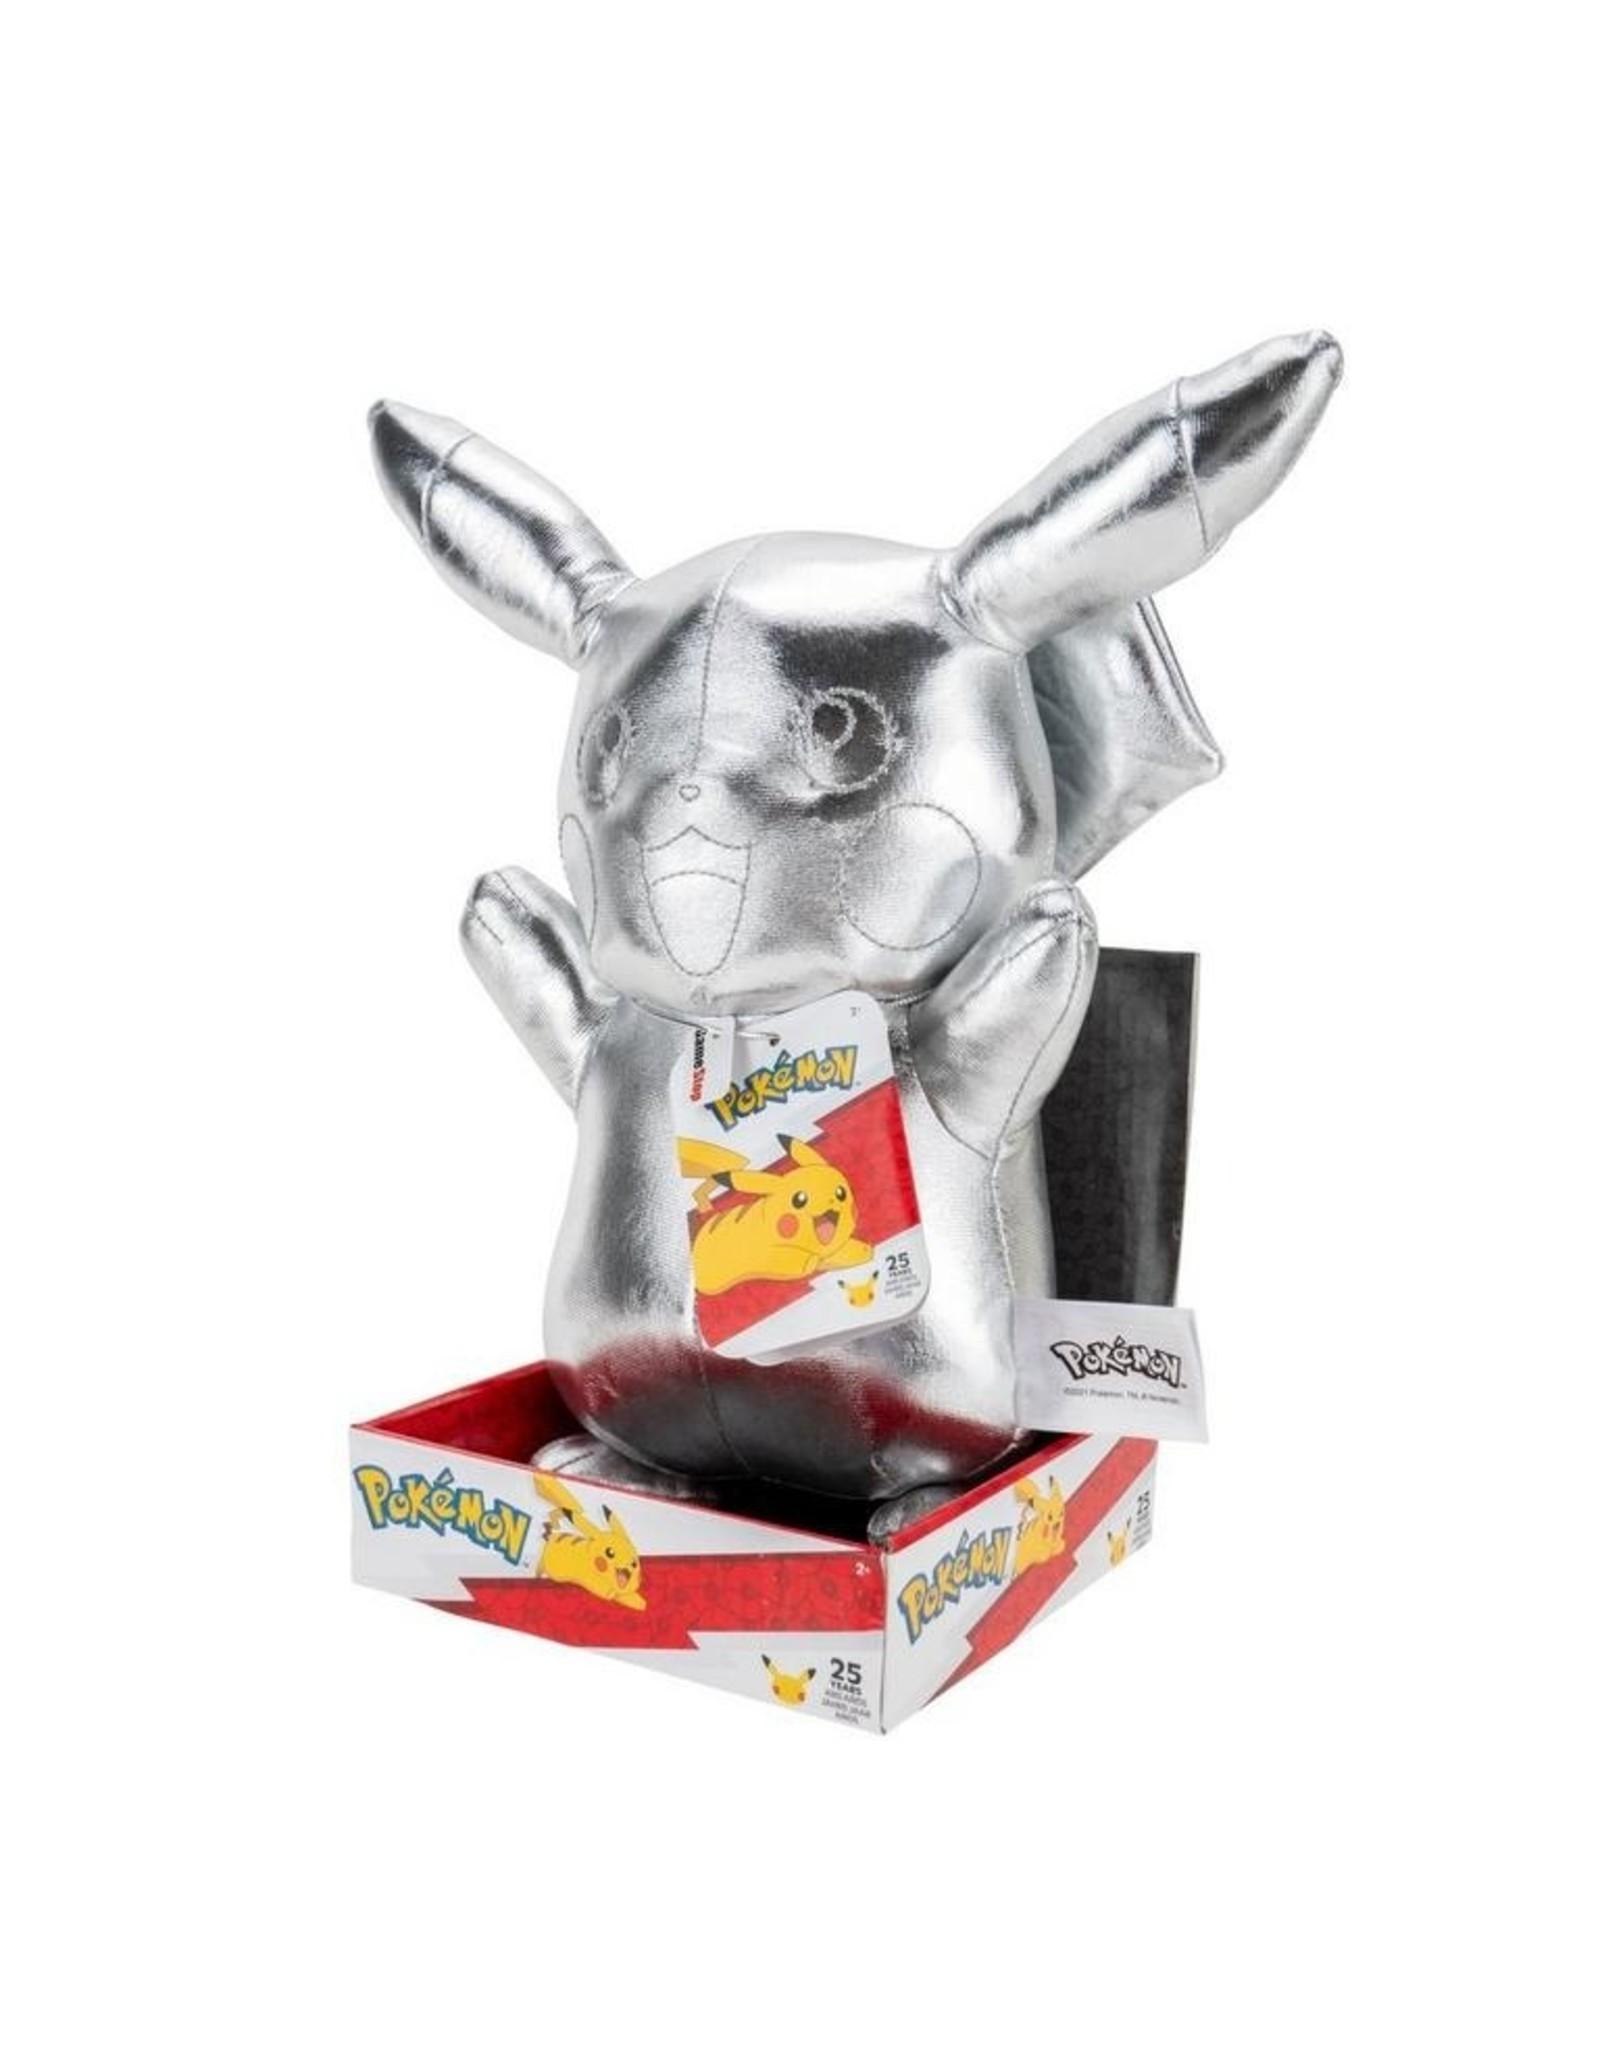 BOTI Pokémon 25th anniversary Select Plush Silver version Pikachu 30 cm